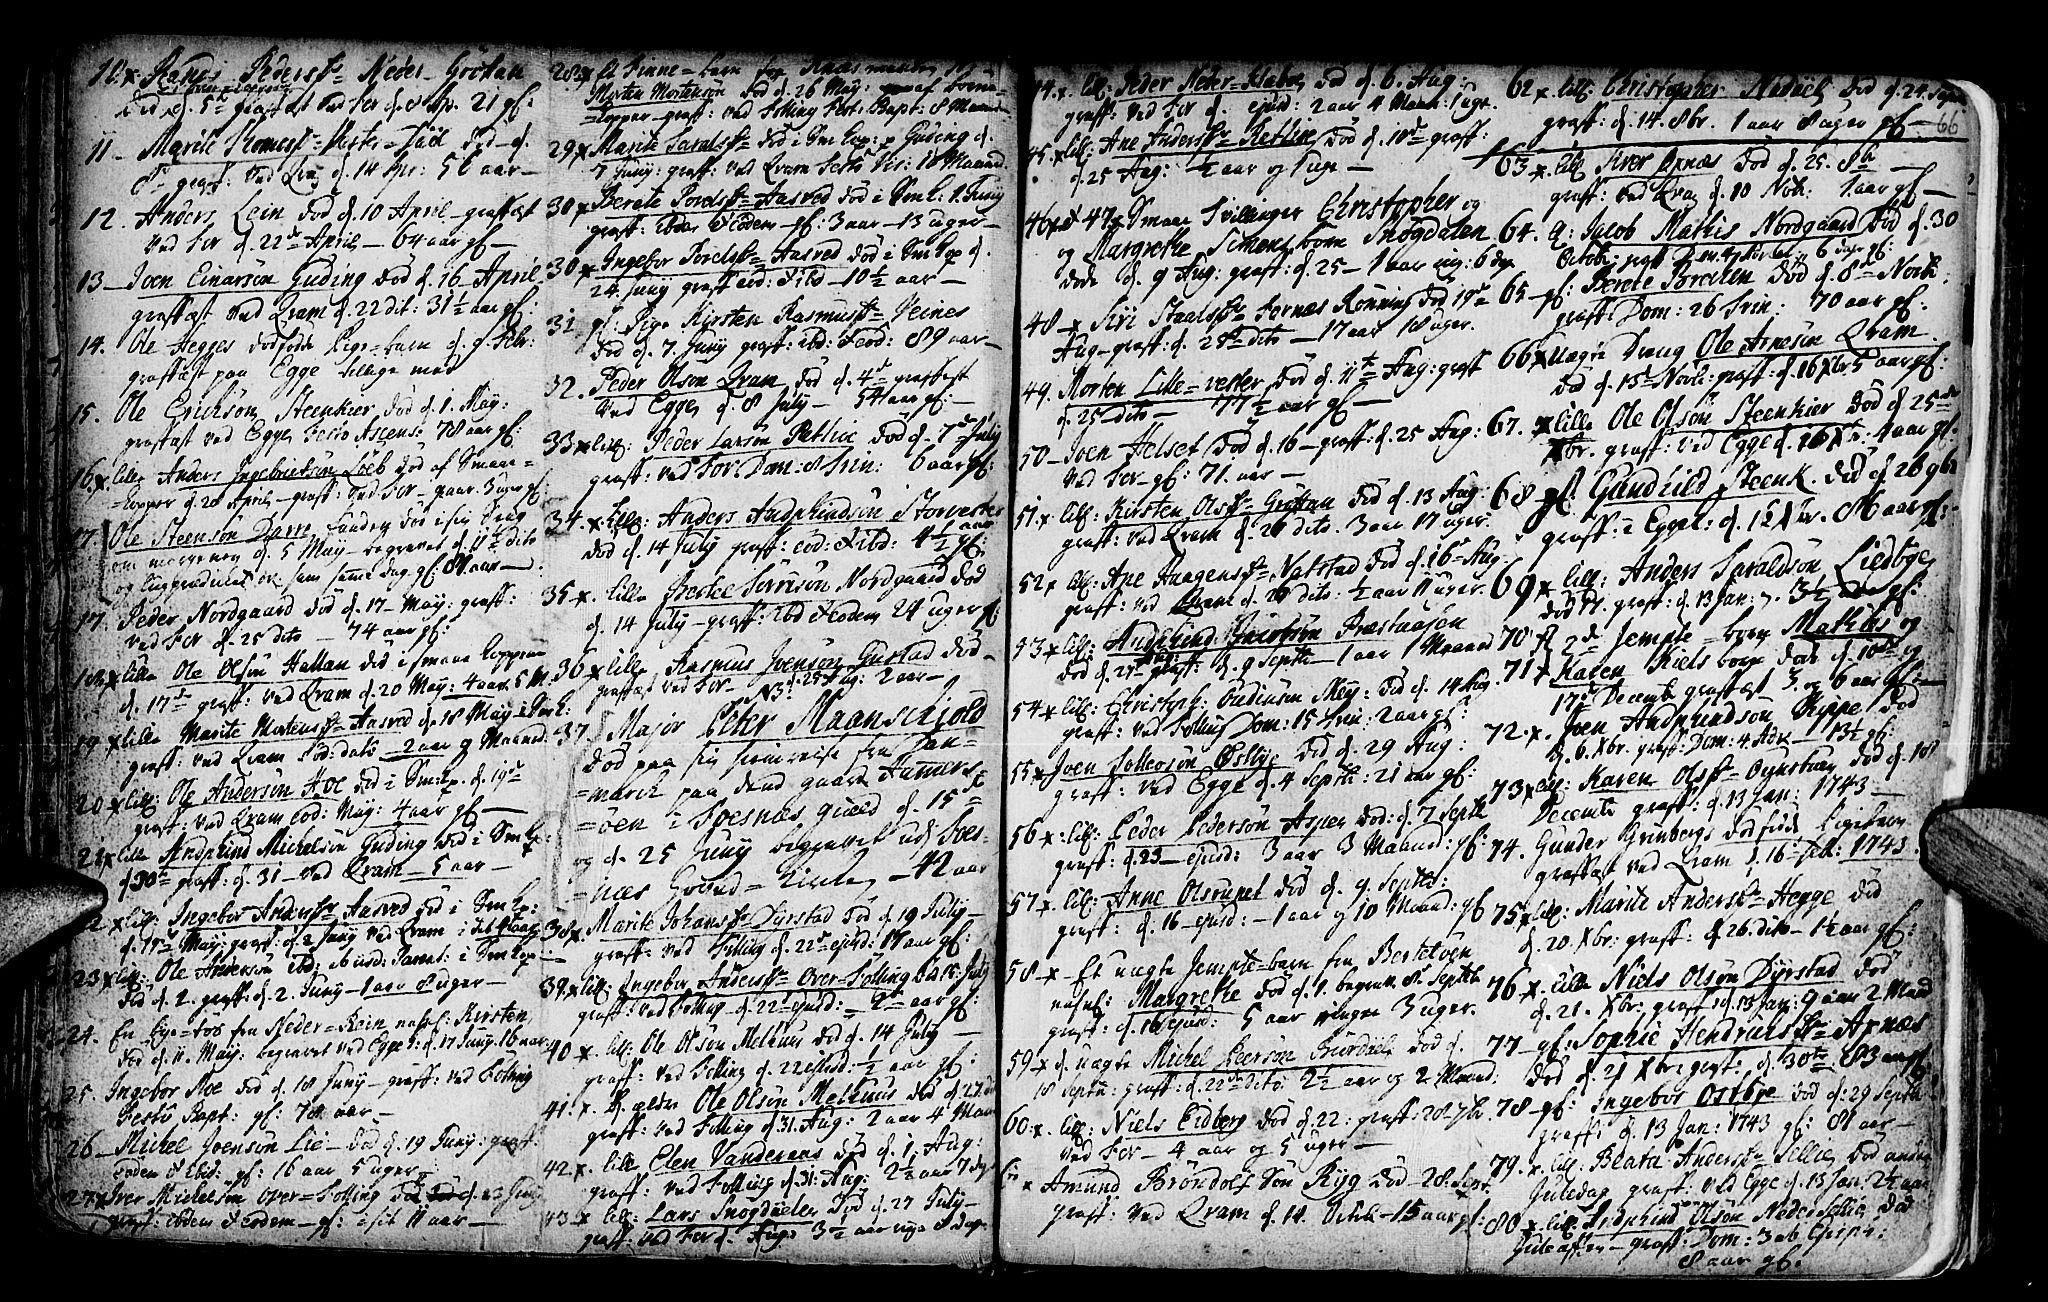 SAT, Ministerialprotokoller, klokkerbøker og fødselsregistre - Nord-Trøndelag, 746/L0439: Ministerialbok nr. 746A01, 1688-1759, s. 66